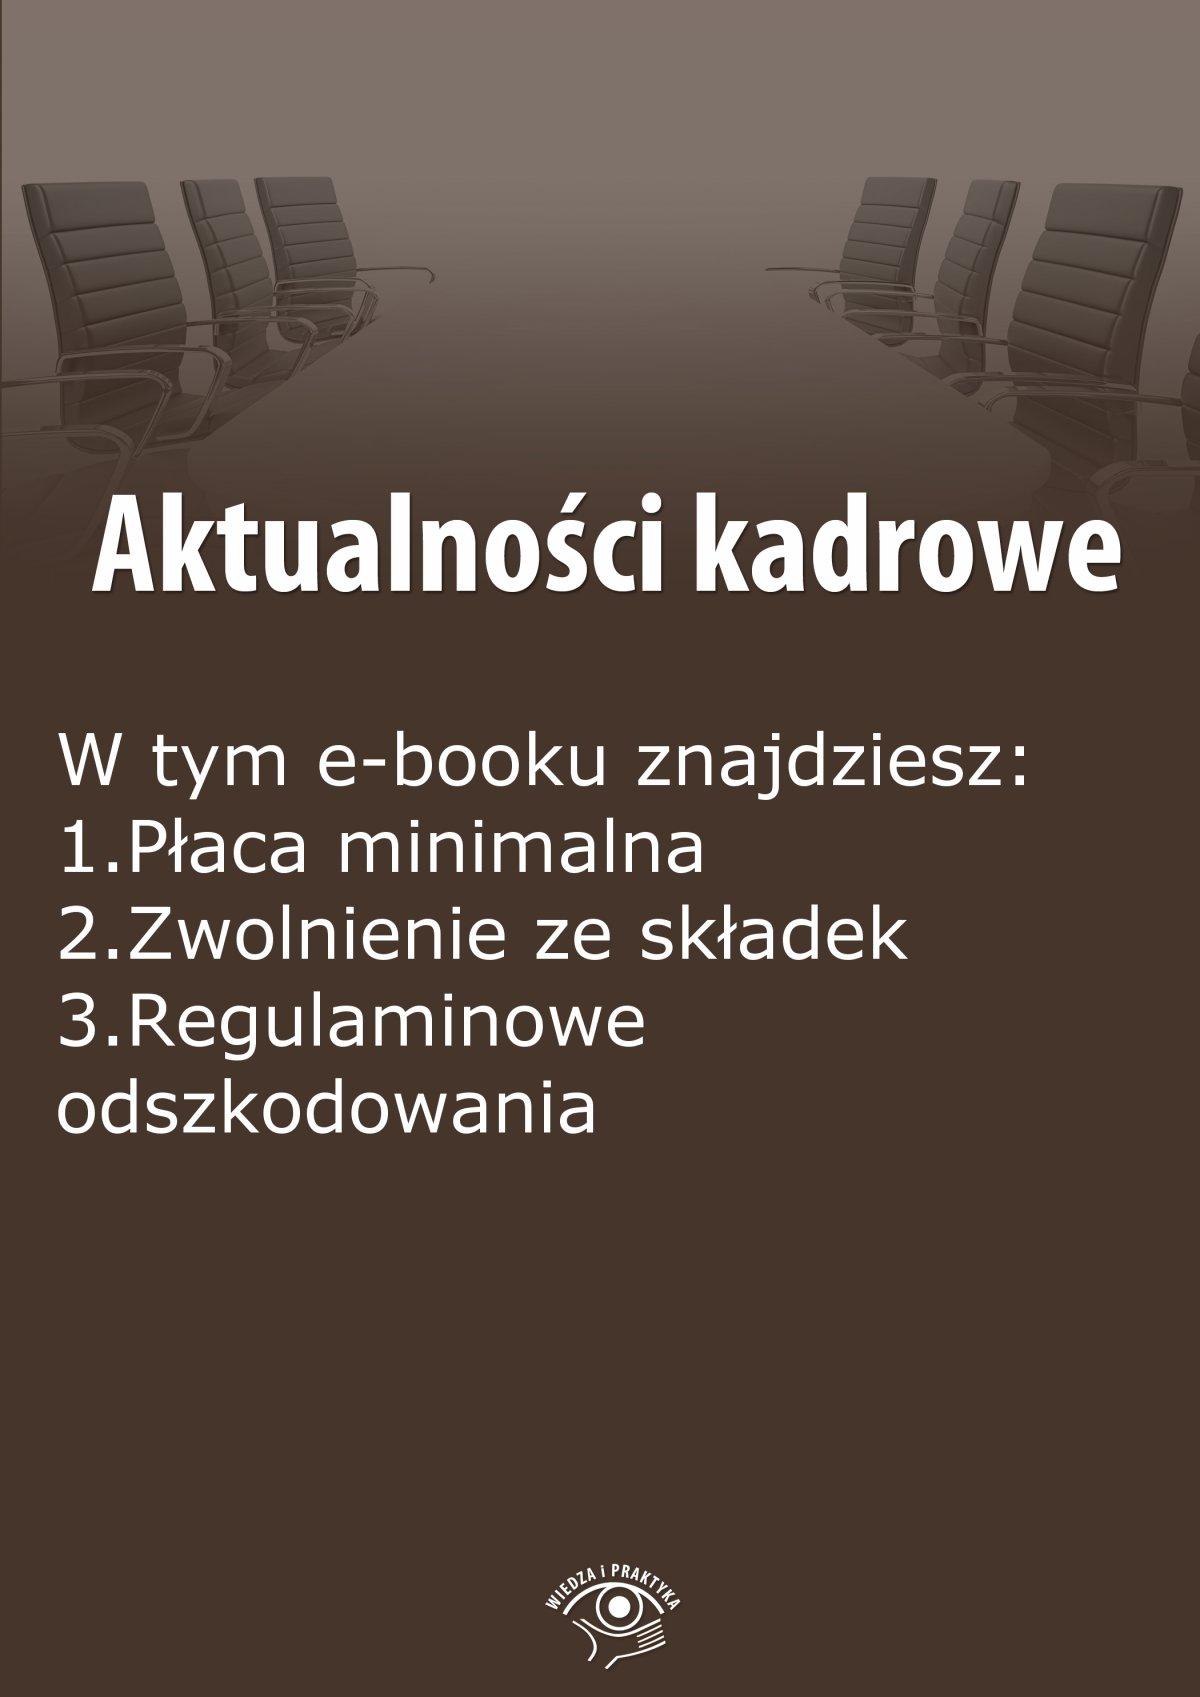 Aktualności kadrowe, wydanie listopad 2014 r. - Ebook (Książka EPUB) do pobrania w formacie EPUB